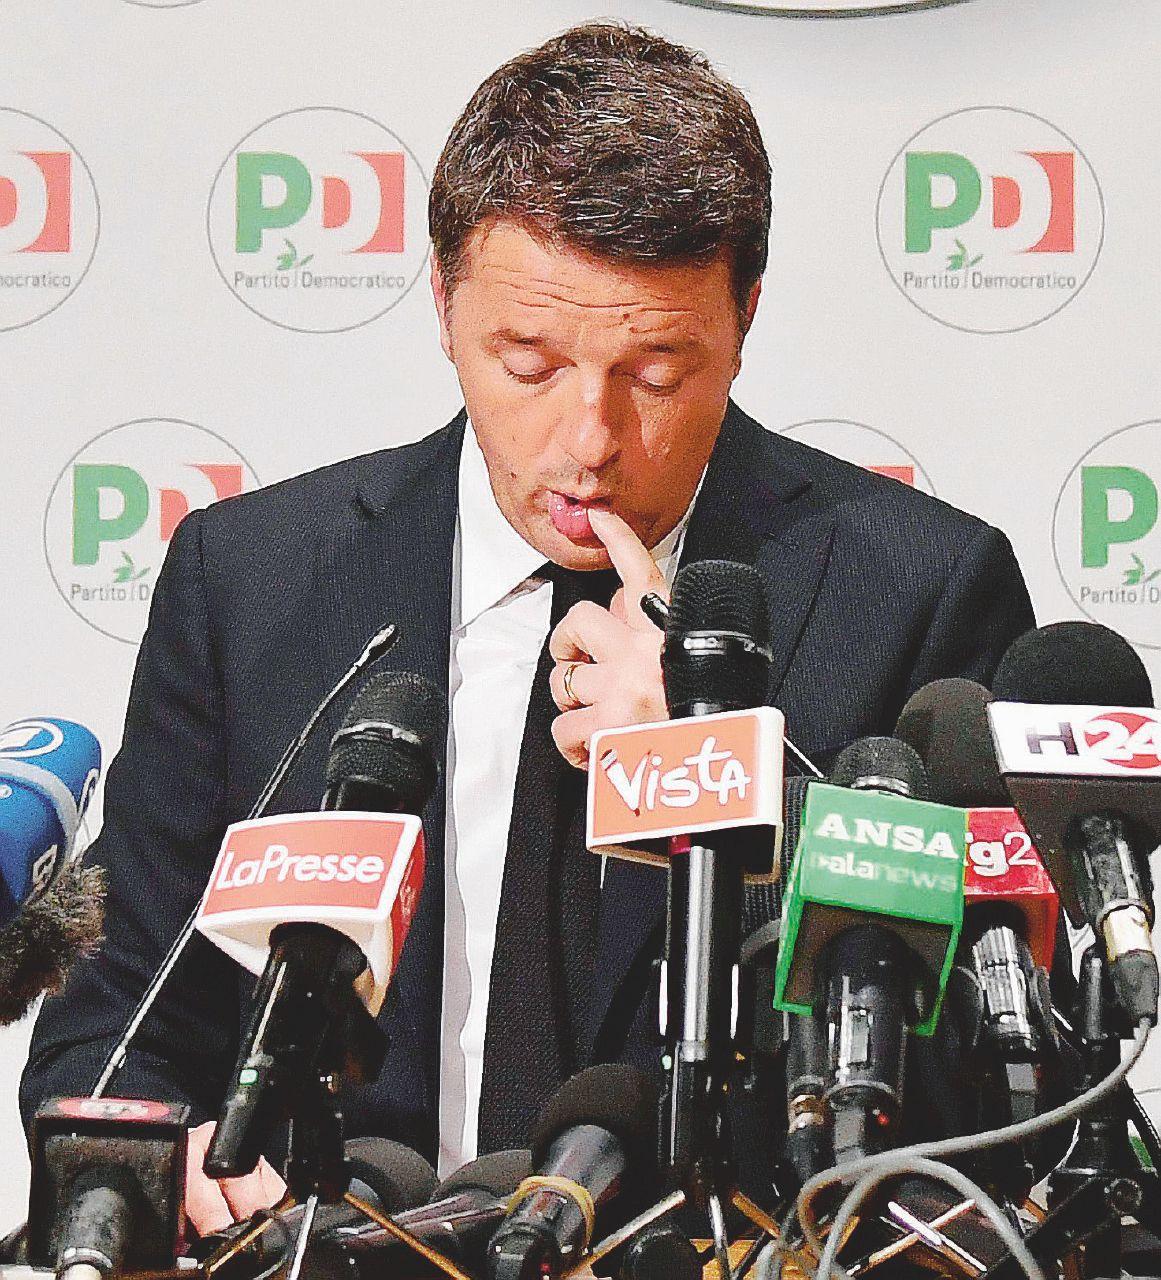 Direzione Pd, la prima volta di Renzi al buio